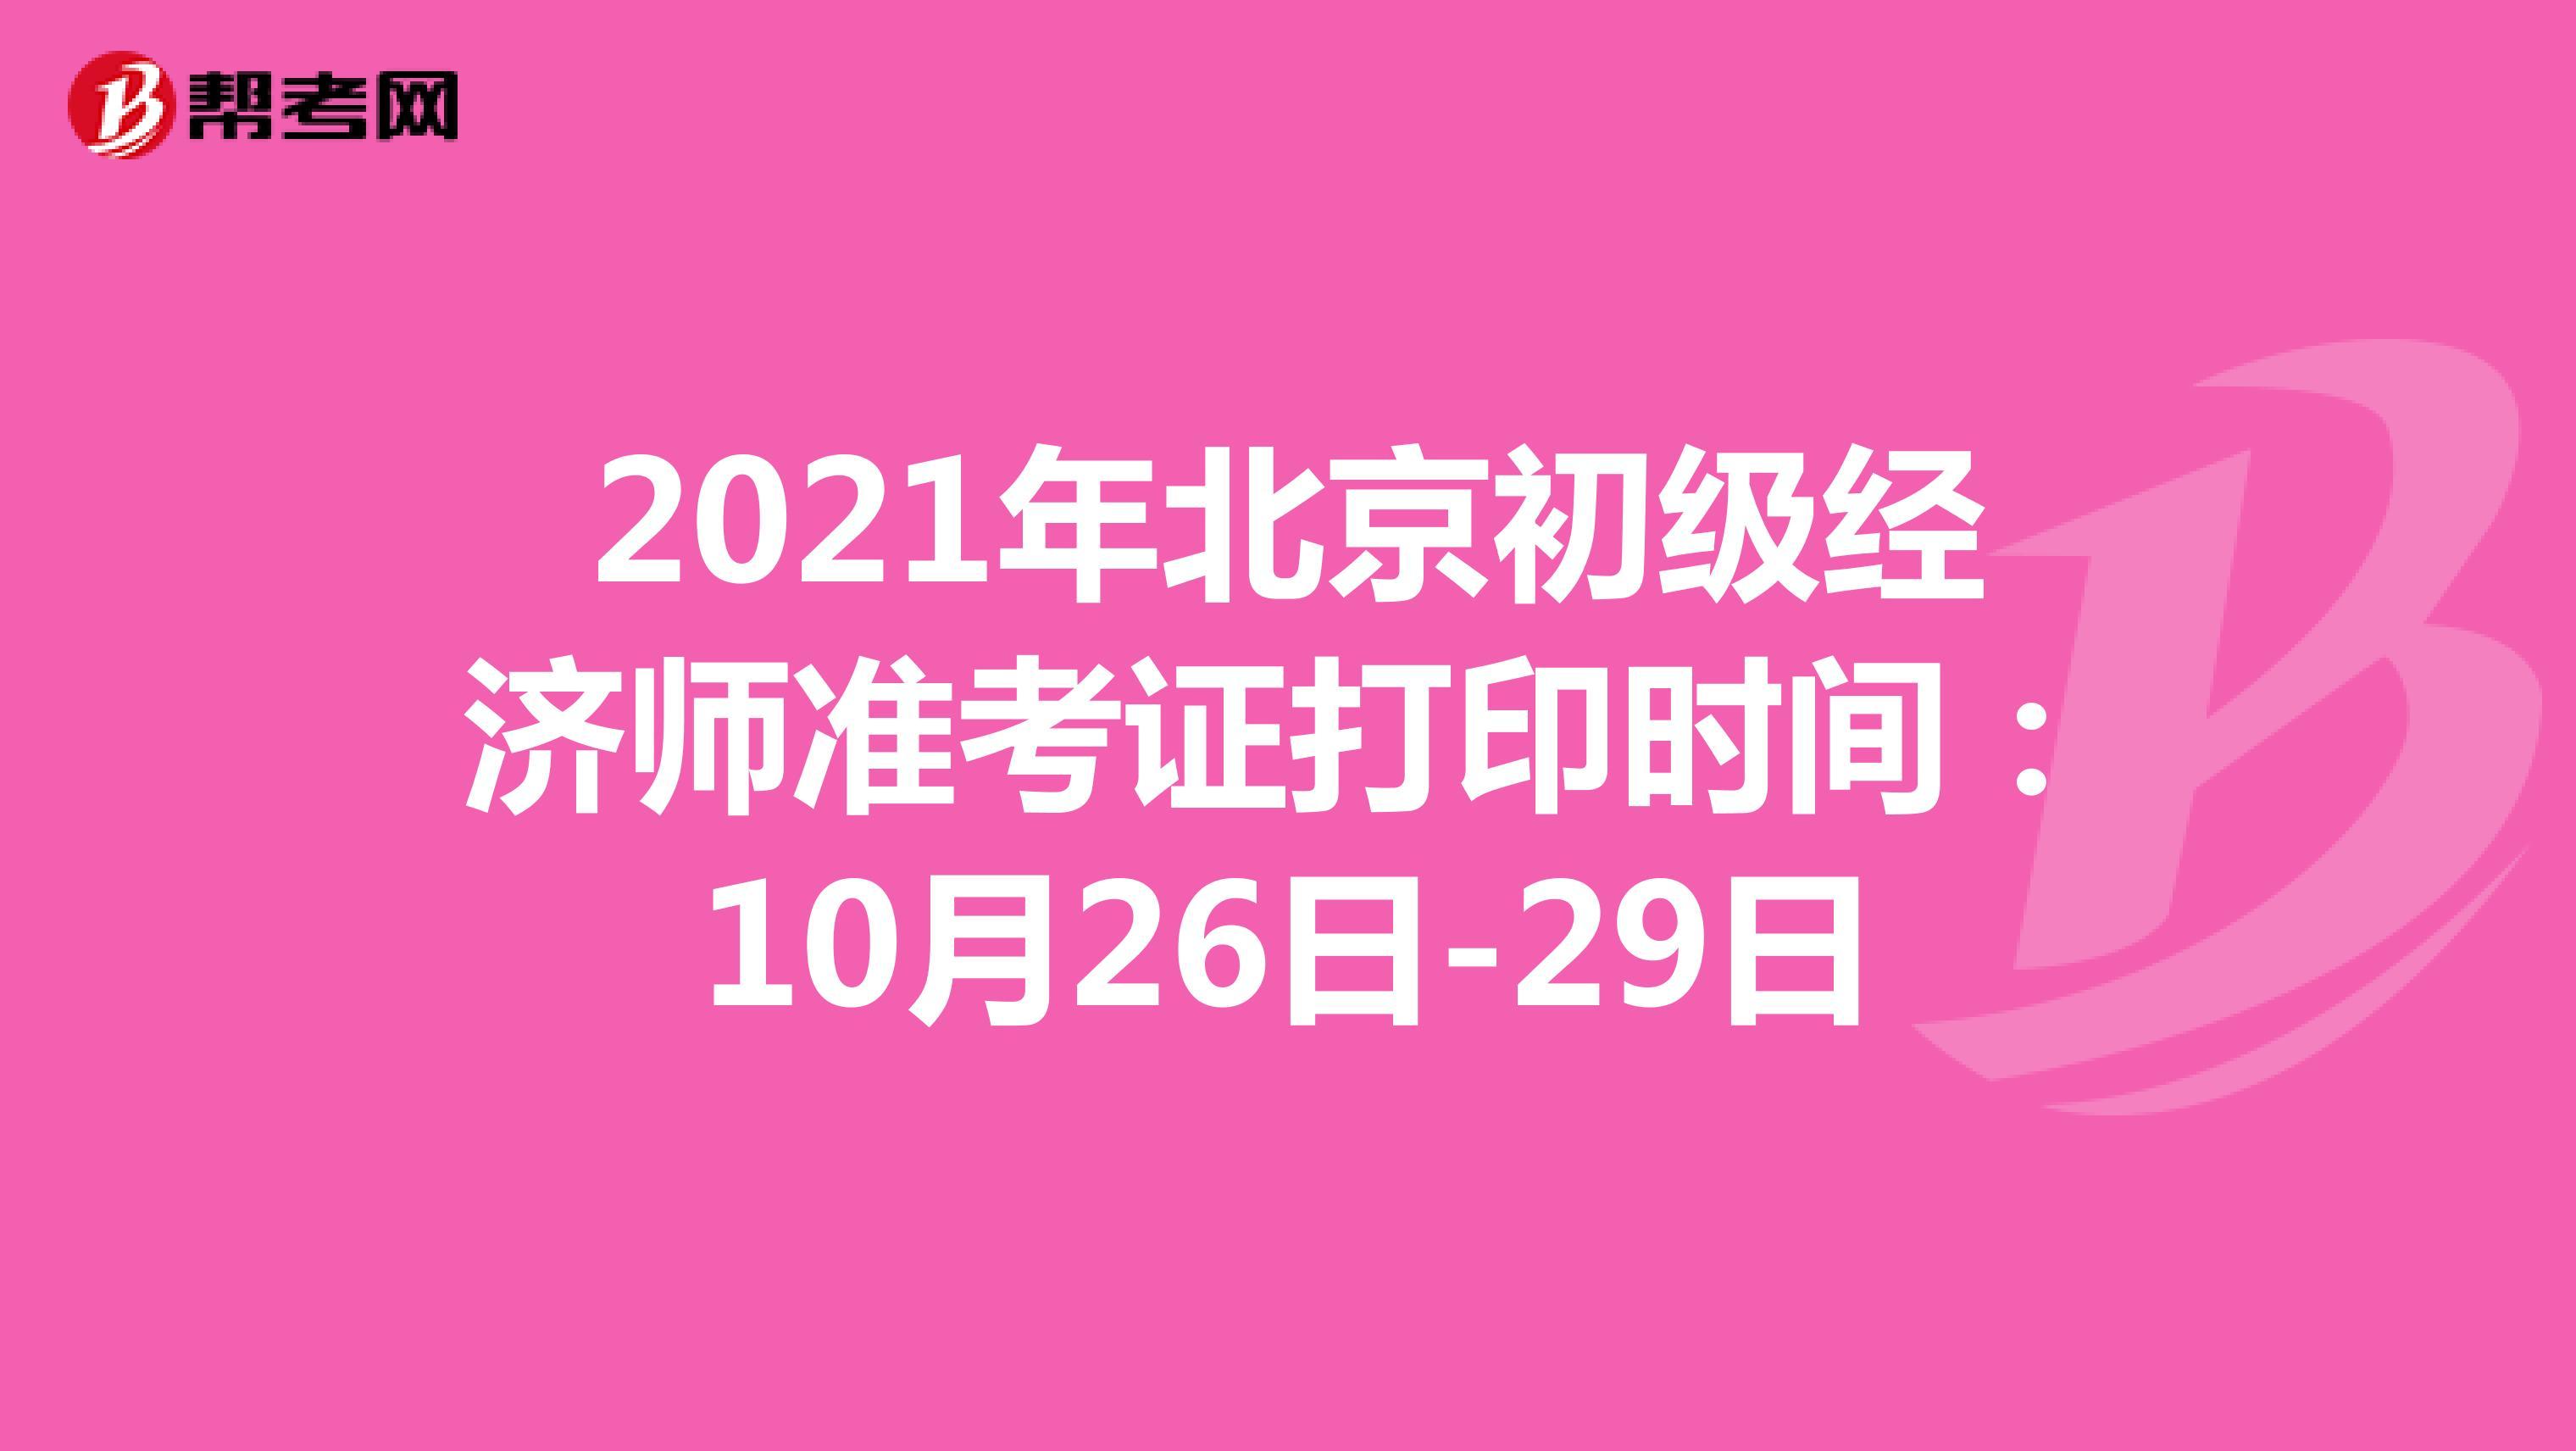 2021年北京初级经济师准考证打印时间:10月26日-29日